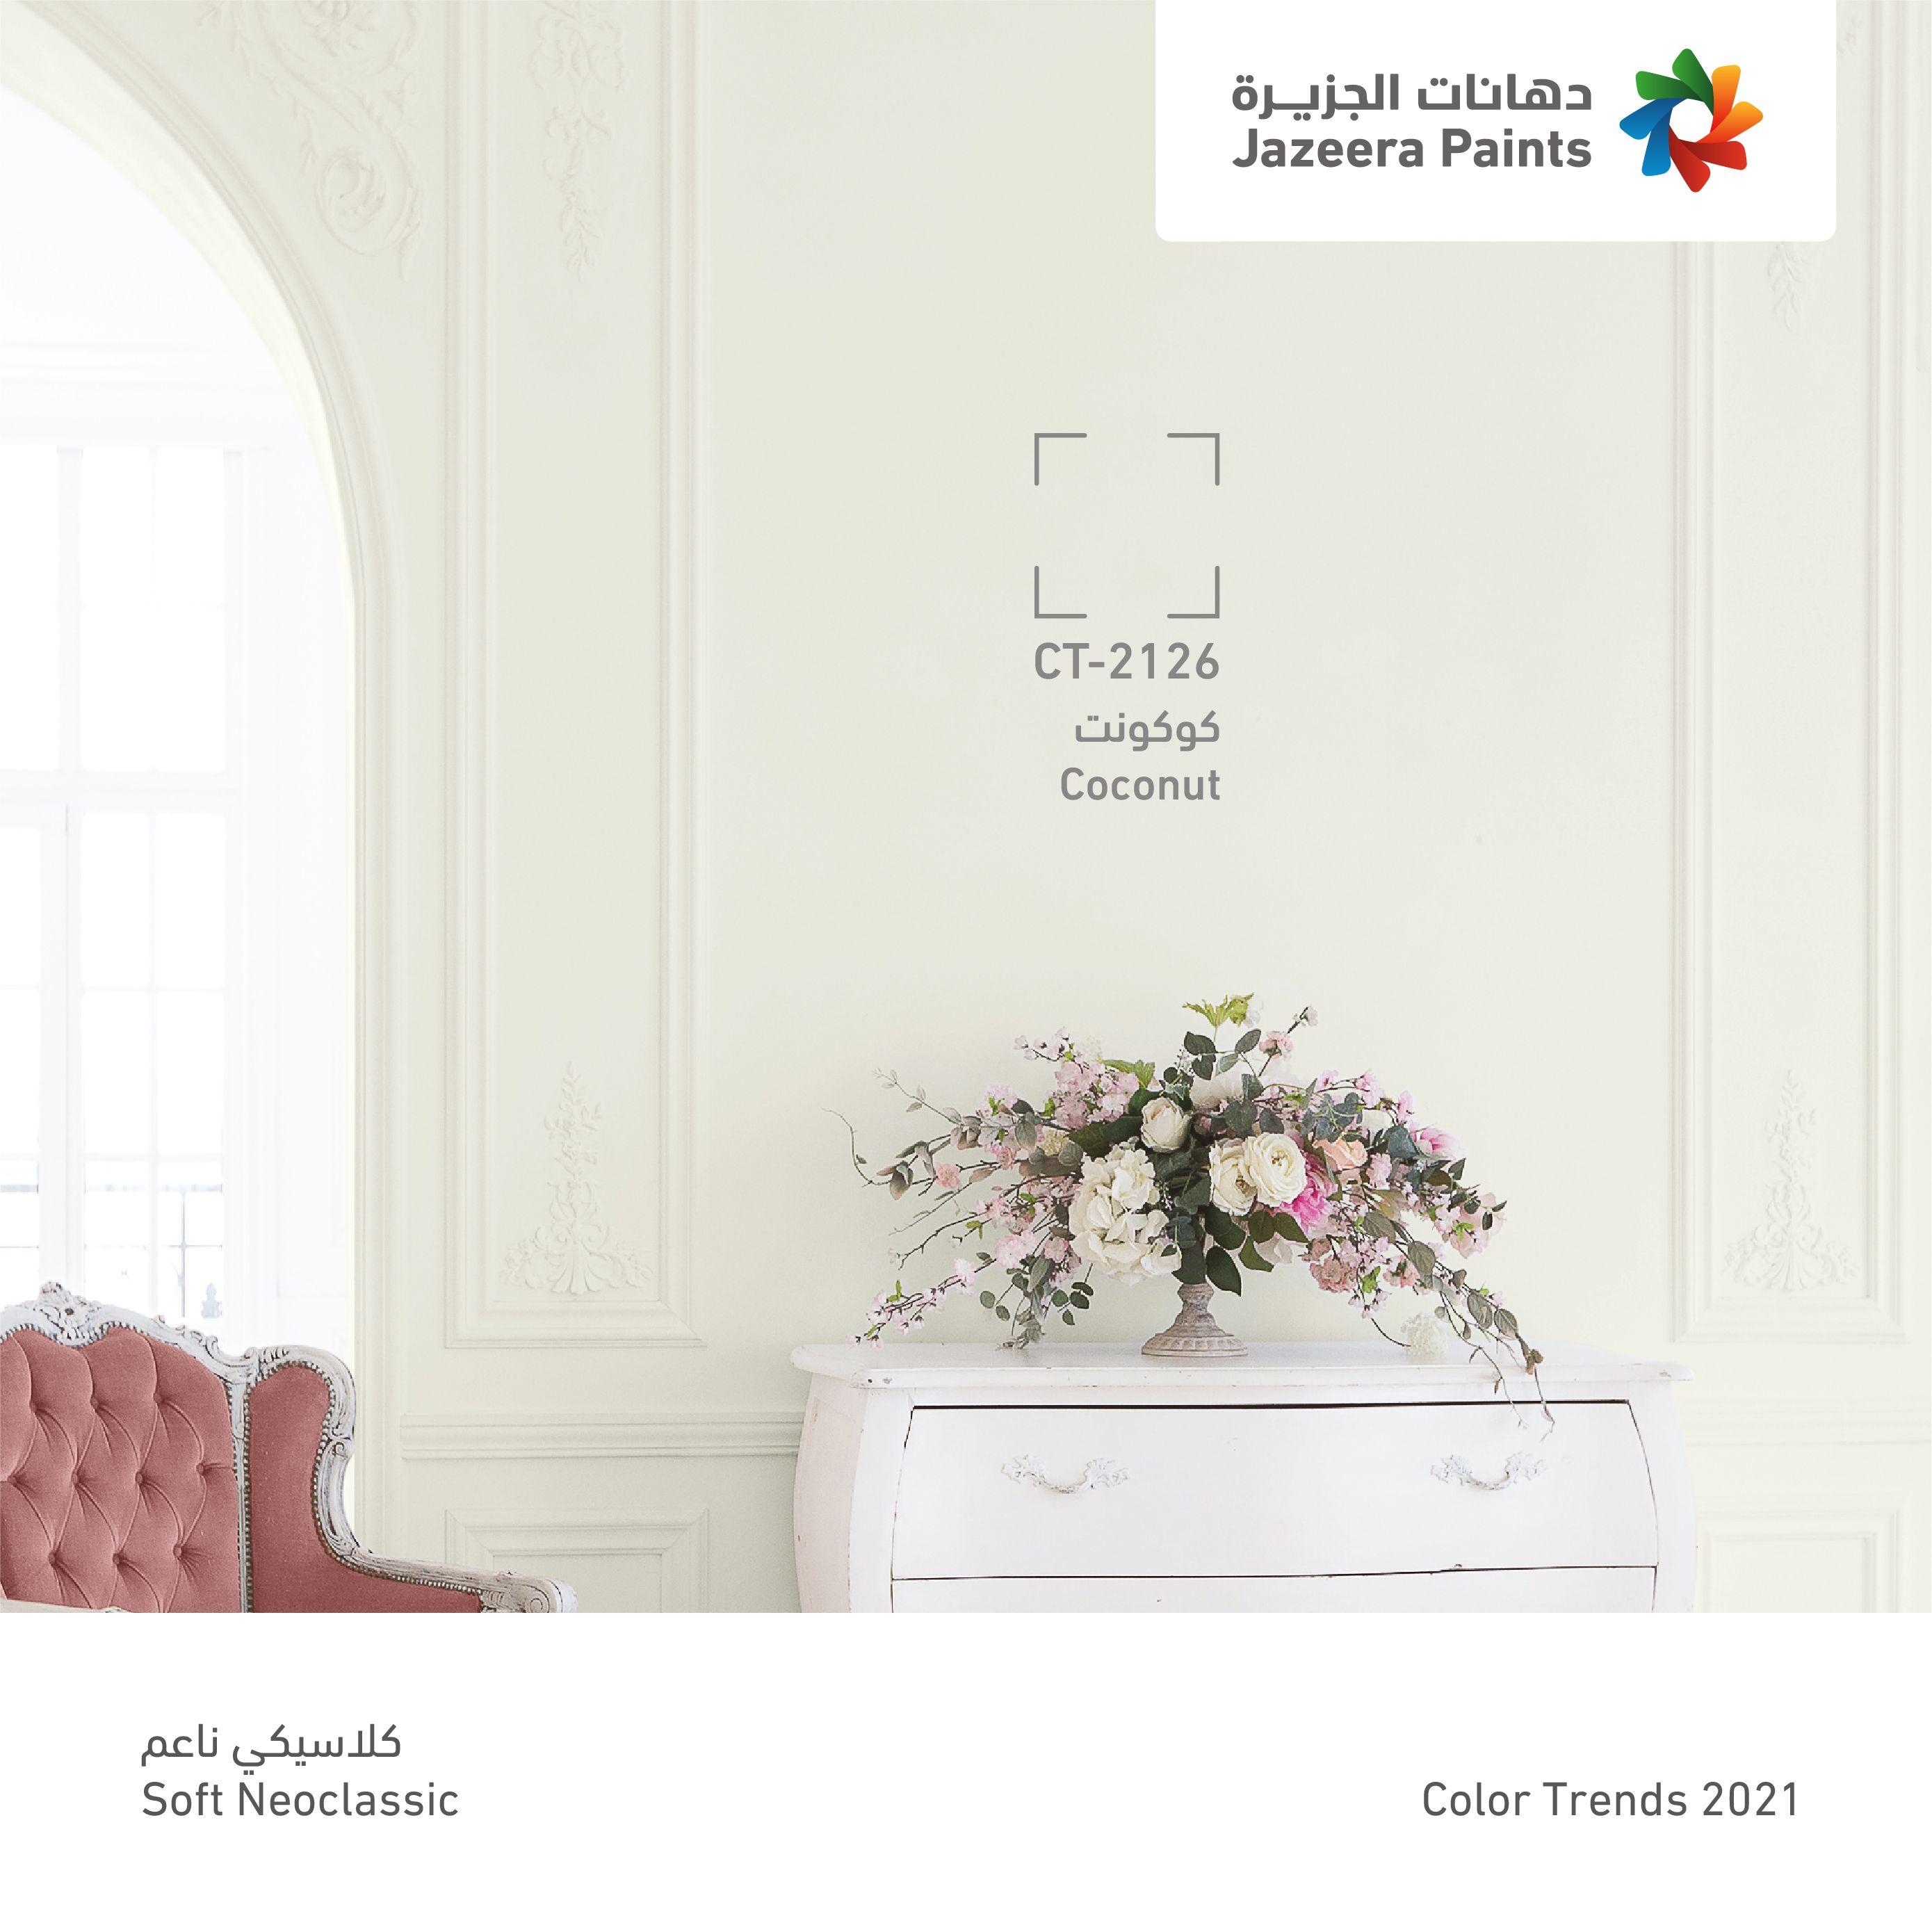 لون كوكونت In 2021 Color Trends Color Painting